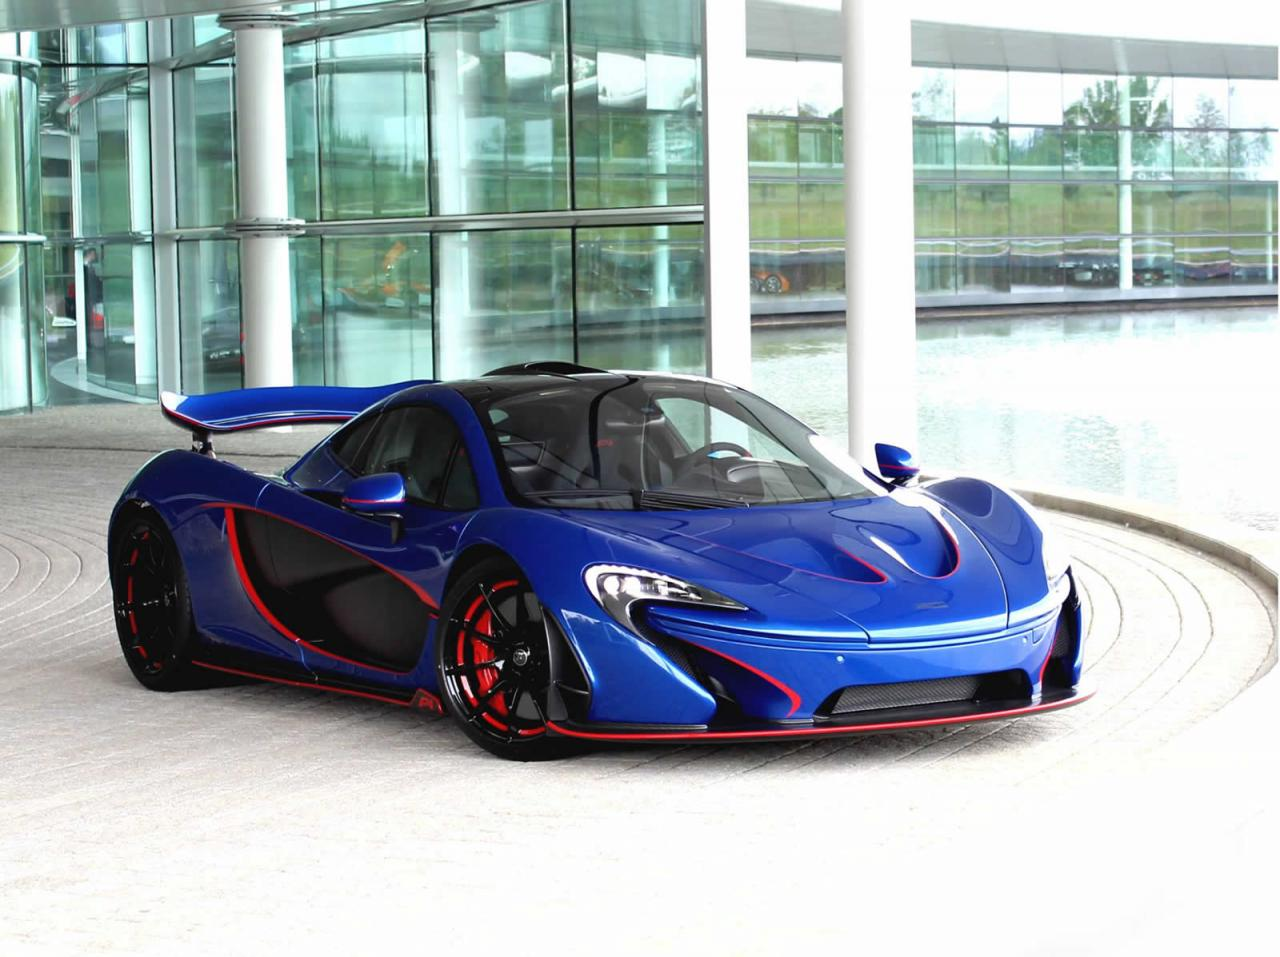 Víc než polovinu produkce McLarenu v roce 2022 budou tvořit hybridy - anotační foto